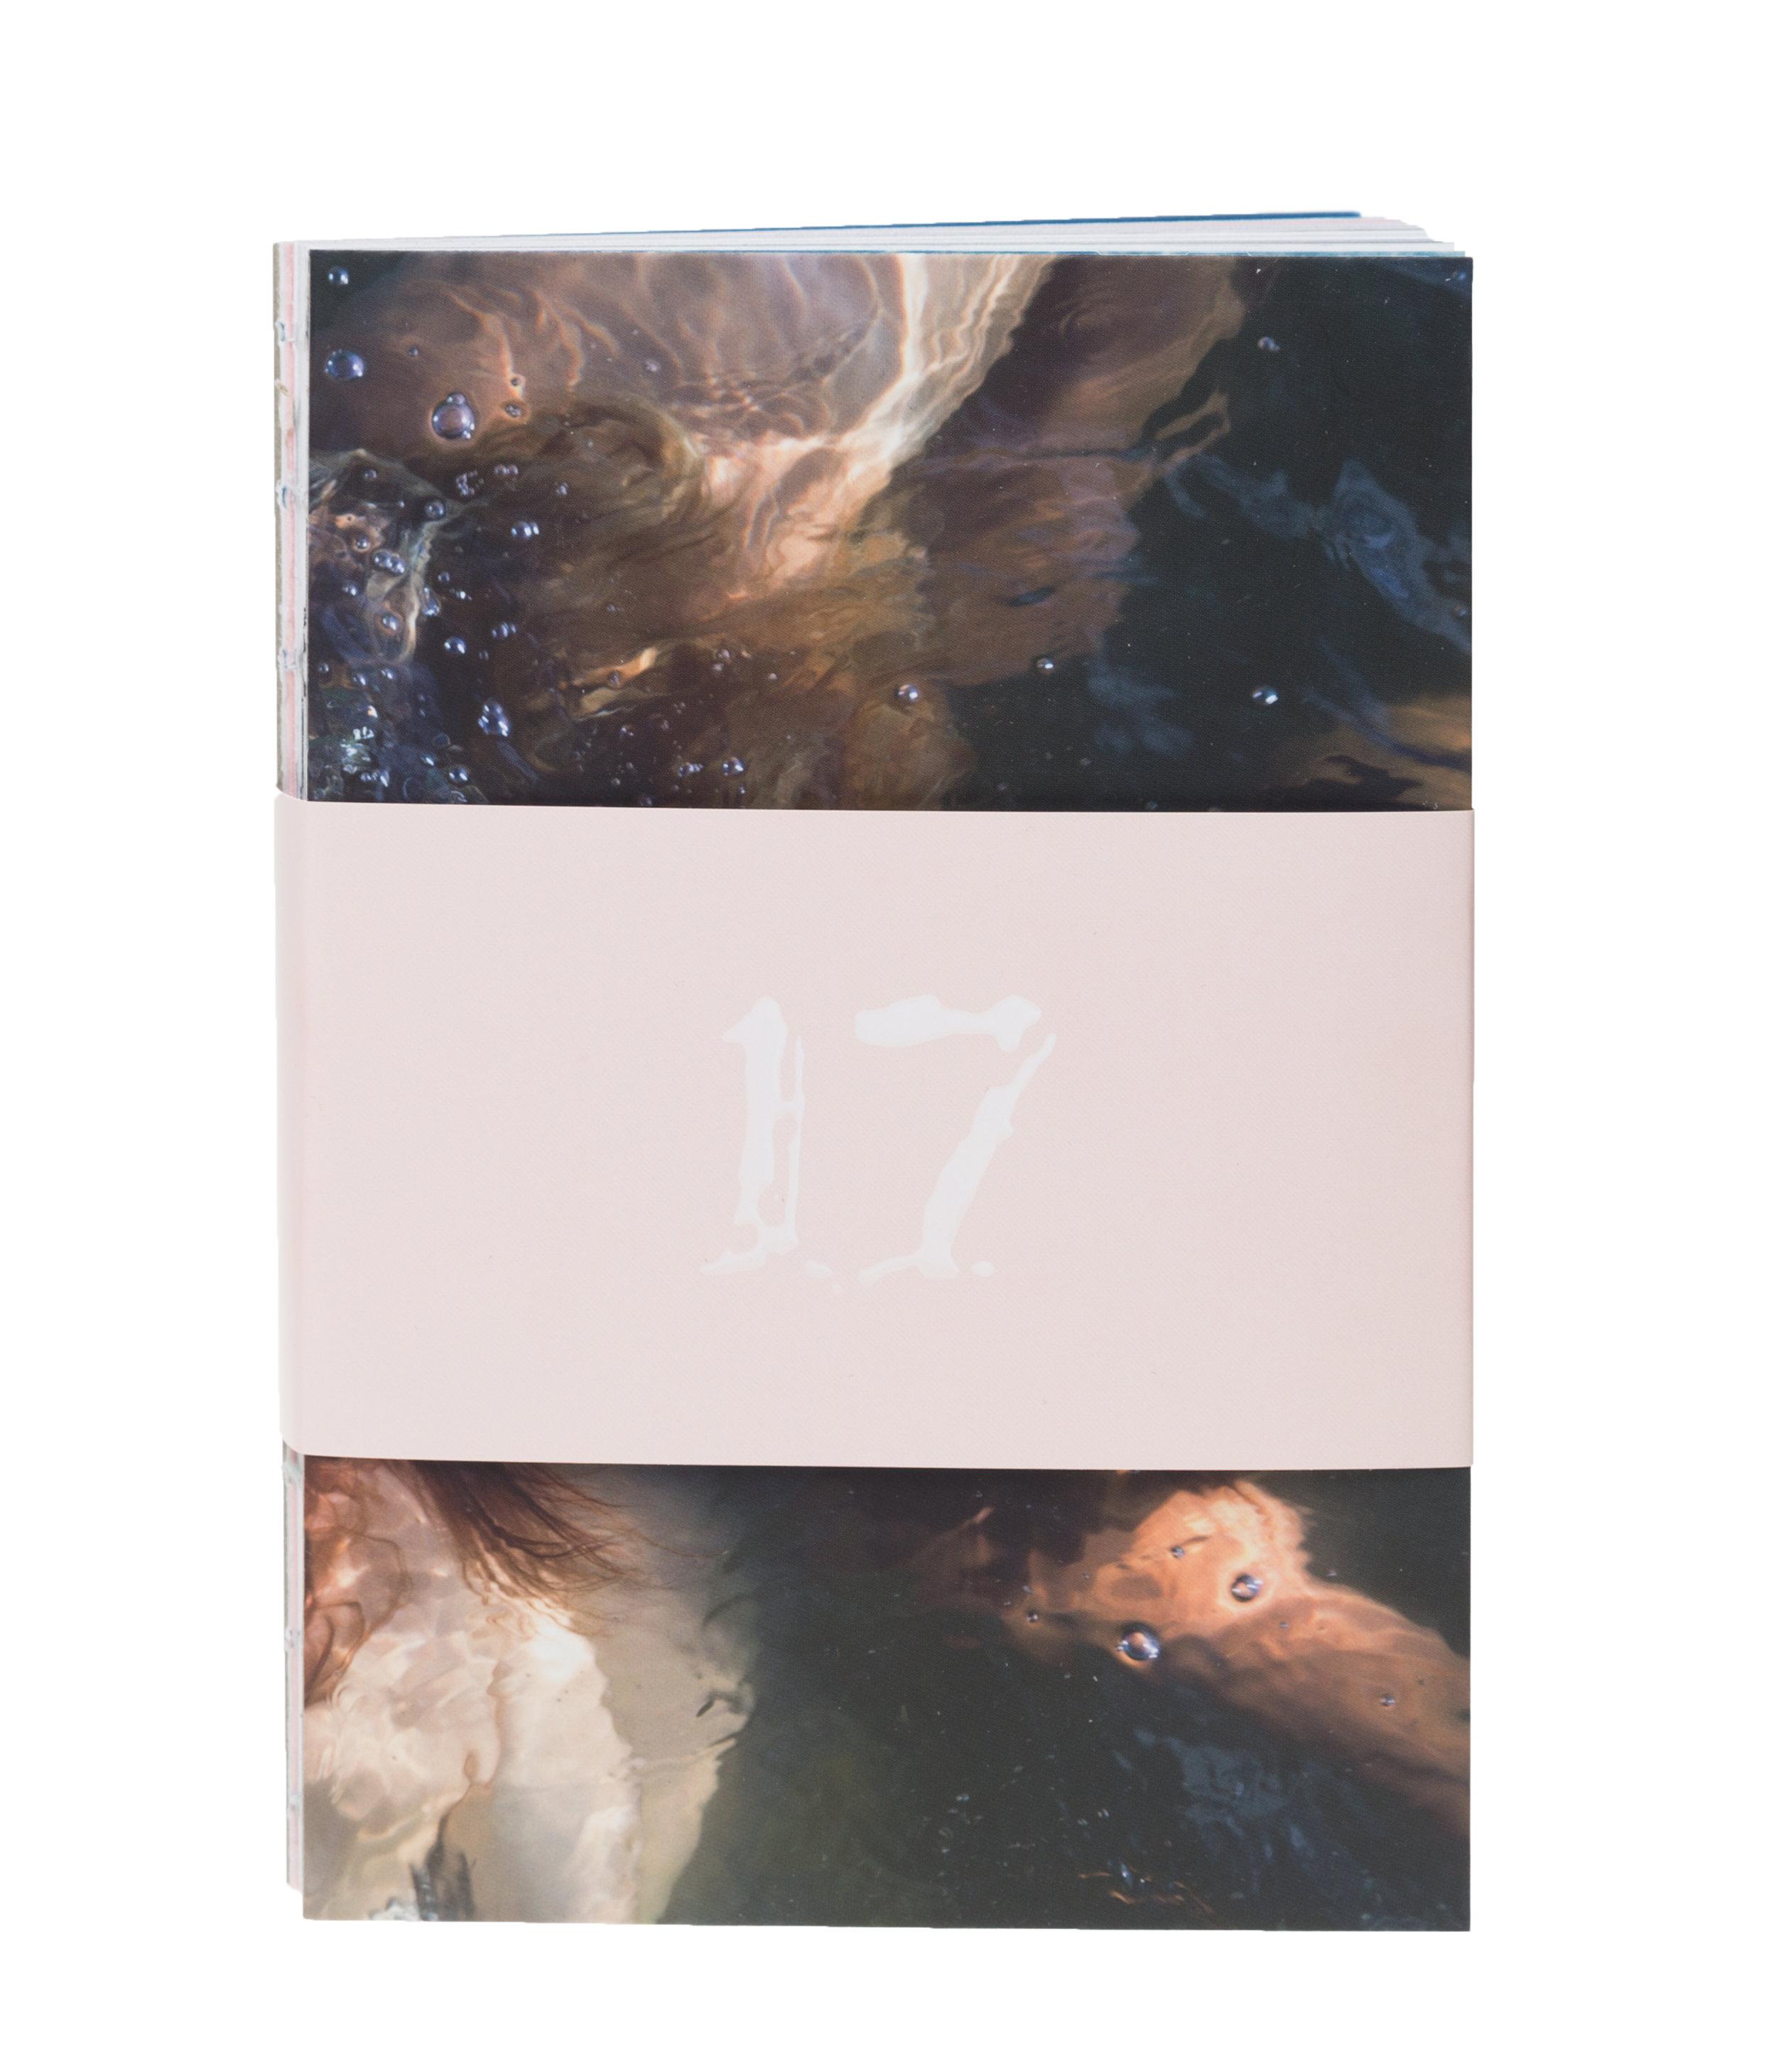 Vesi 2017   Aku Isotalo Sanni Suosalo Pinja Saarela Rasmus Mäkelä Venla Laksola Vilma Rimpelä Adele Hyry Valtteri Heinonen Eetu-Pekka Heiskanen Johanna Jarva Johannes Erkkilä Mari Kaakkola